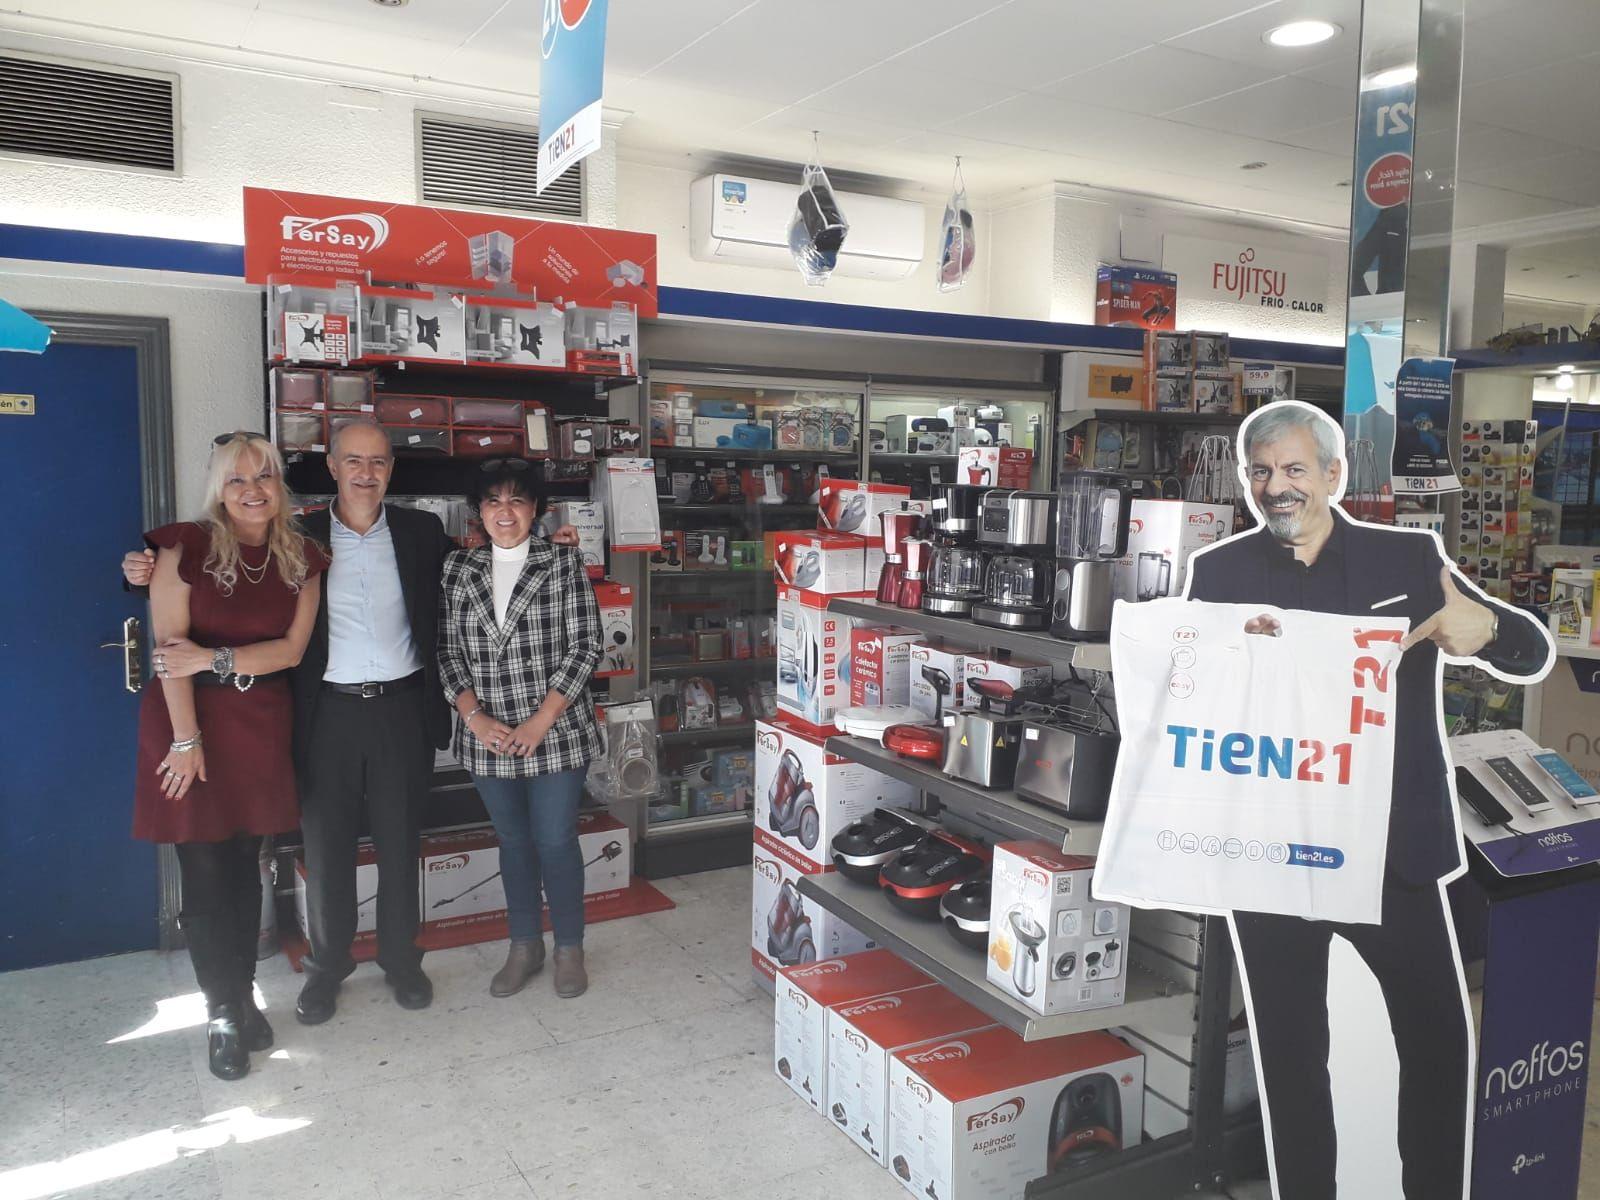 Foto de Nuevo corner de Fersay en Illescas